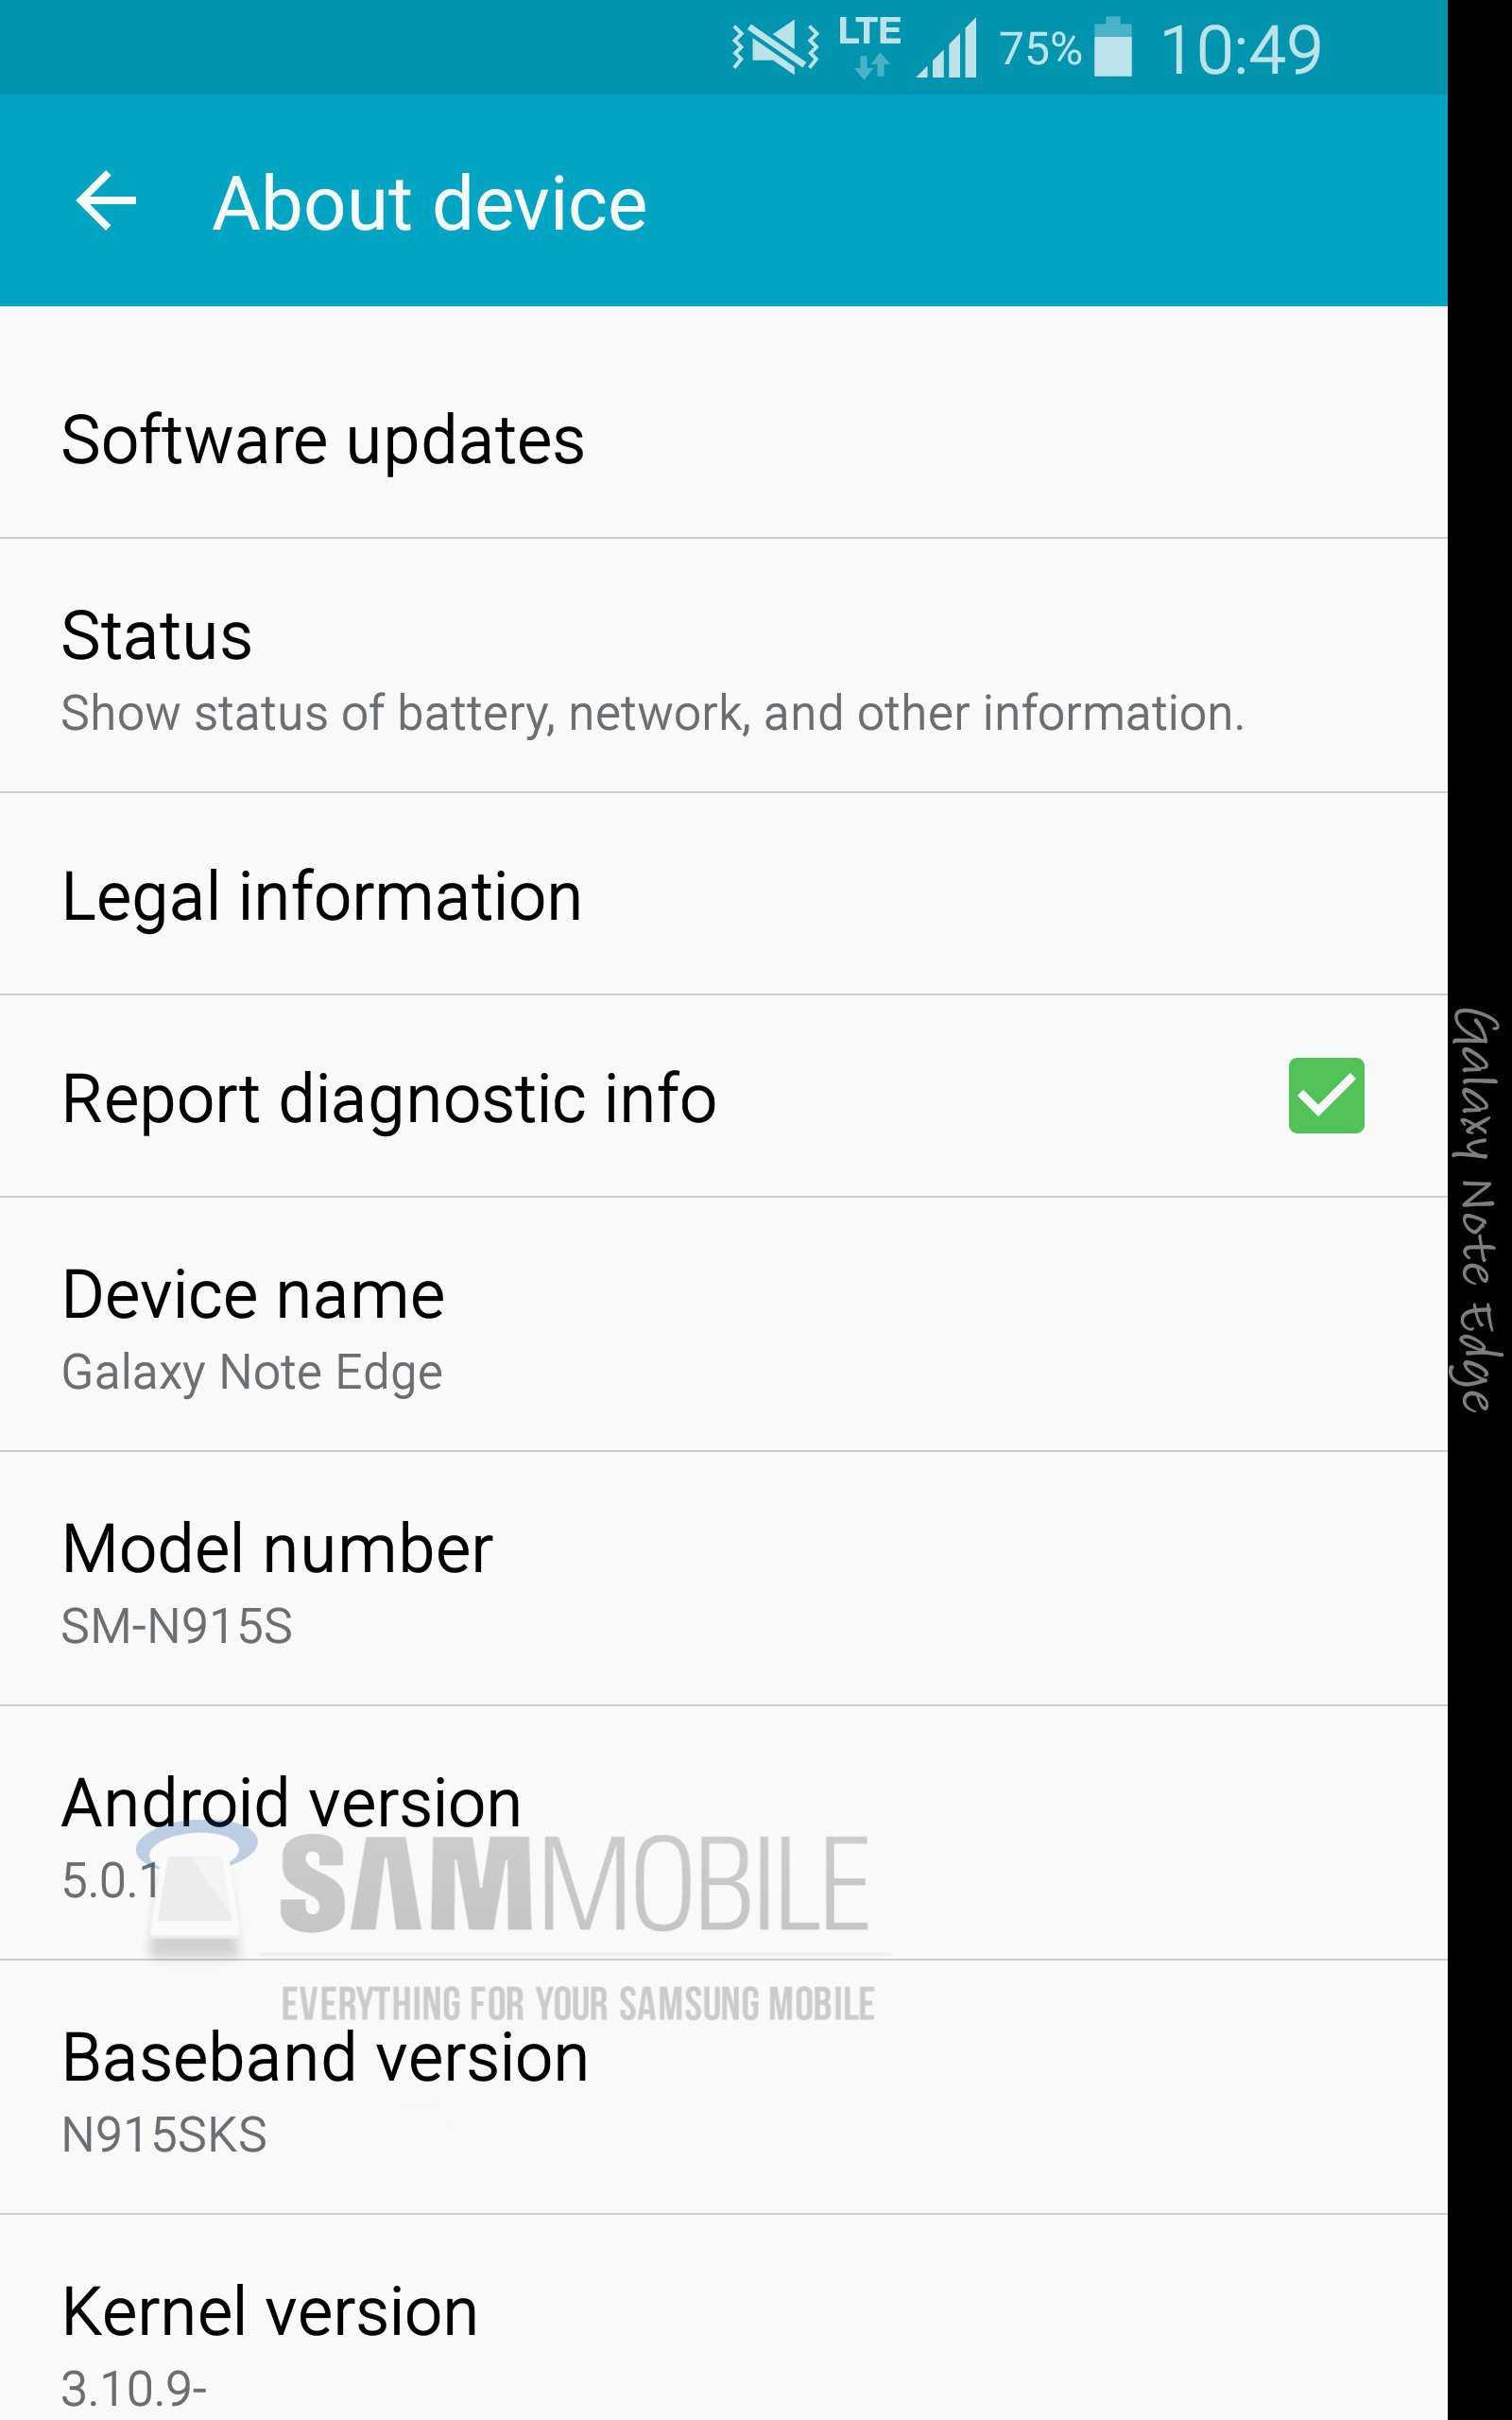 Rumors sostengono che il Galaxy Note 4 e il Galaxy Note Edge salteranno Android 5.0.0